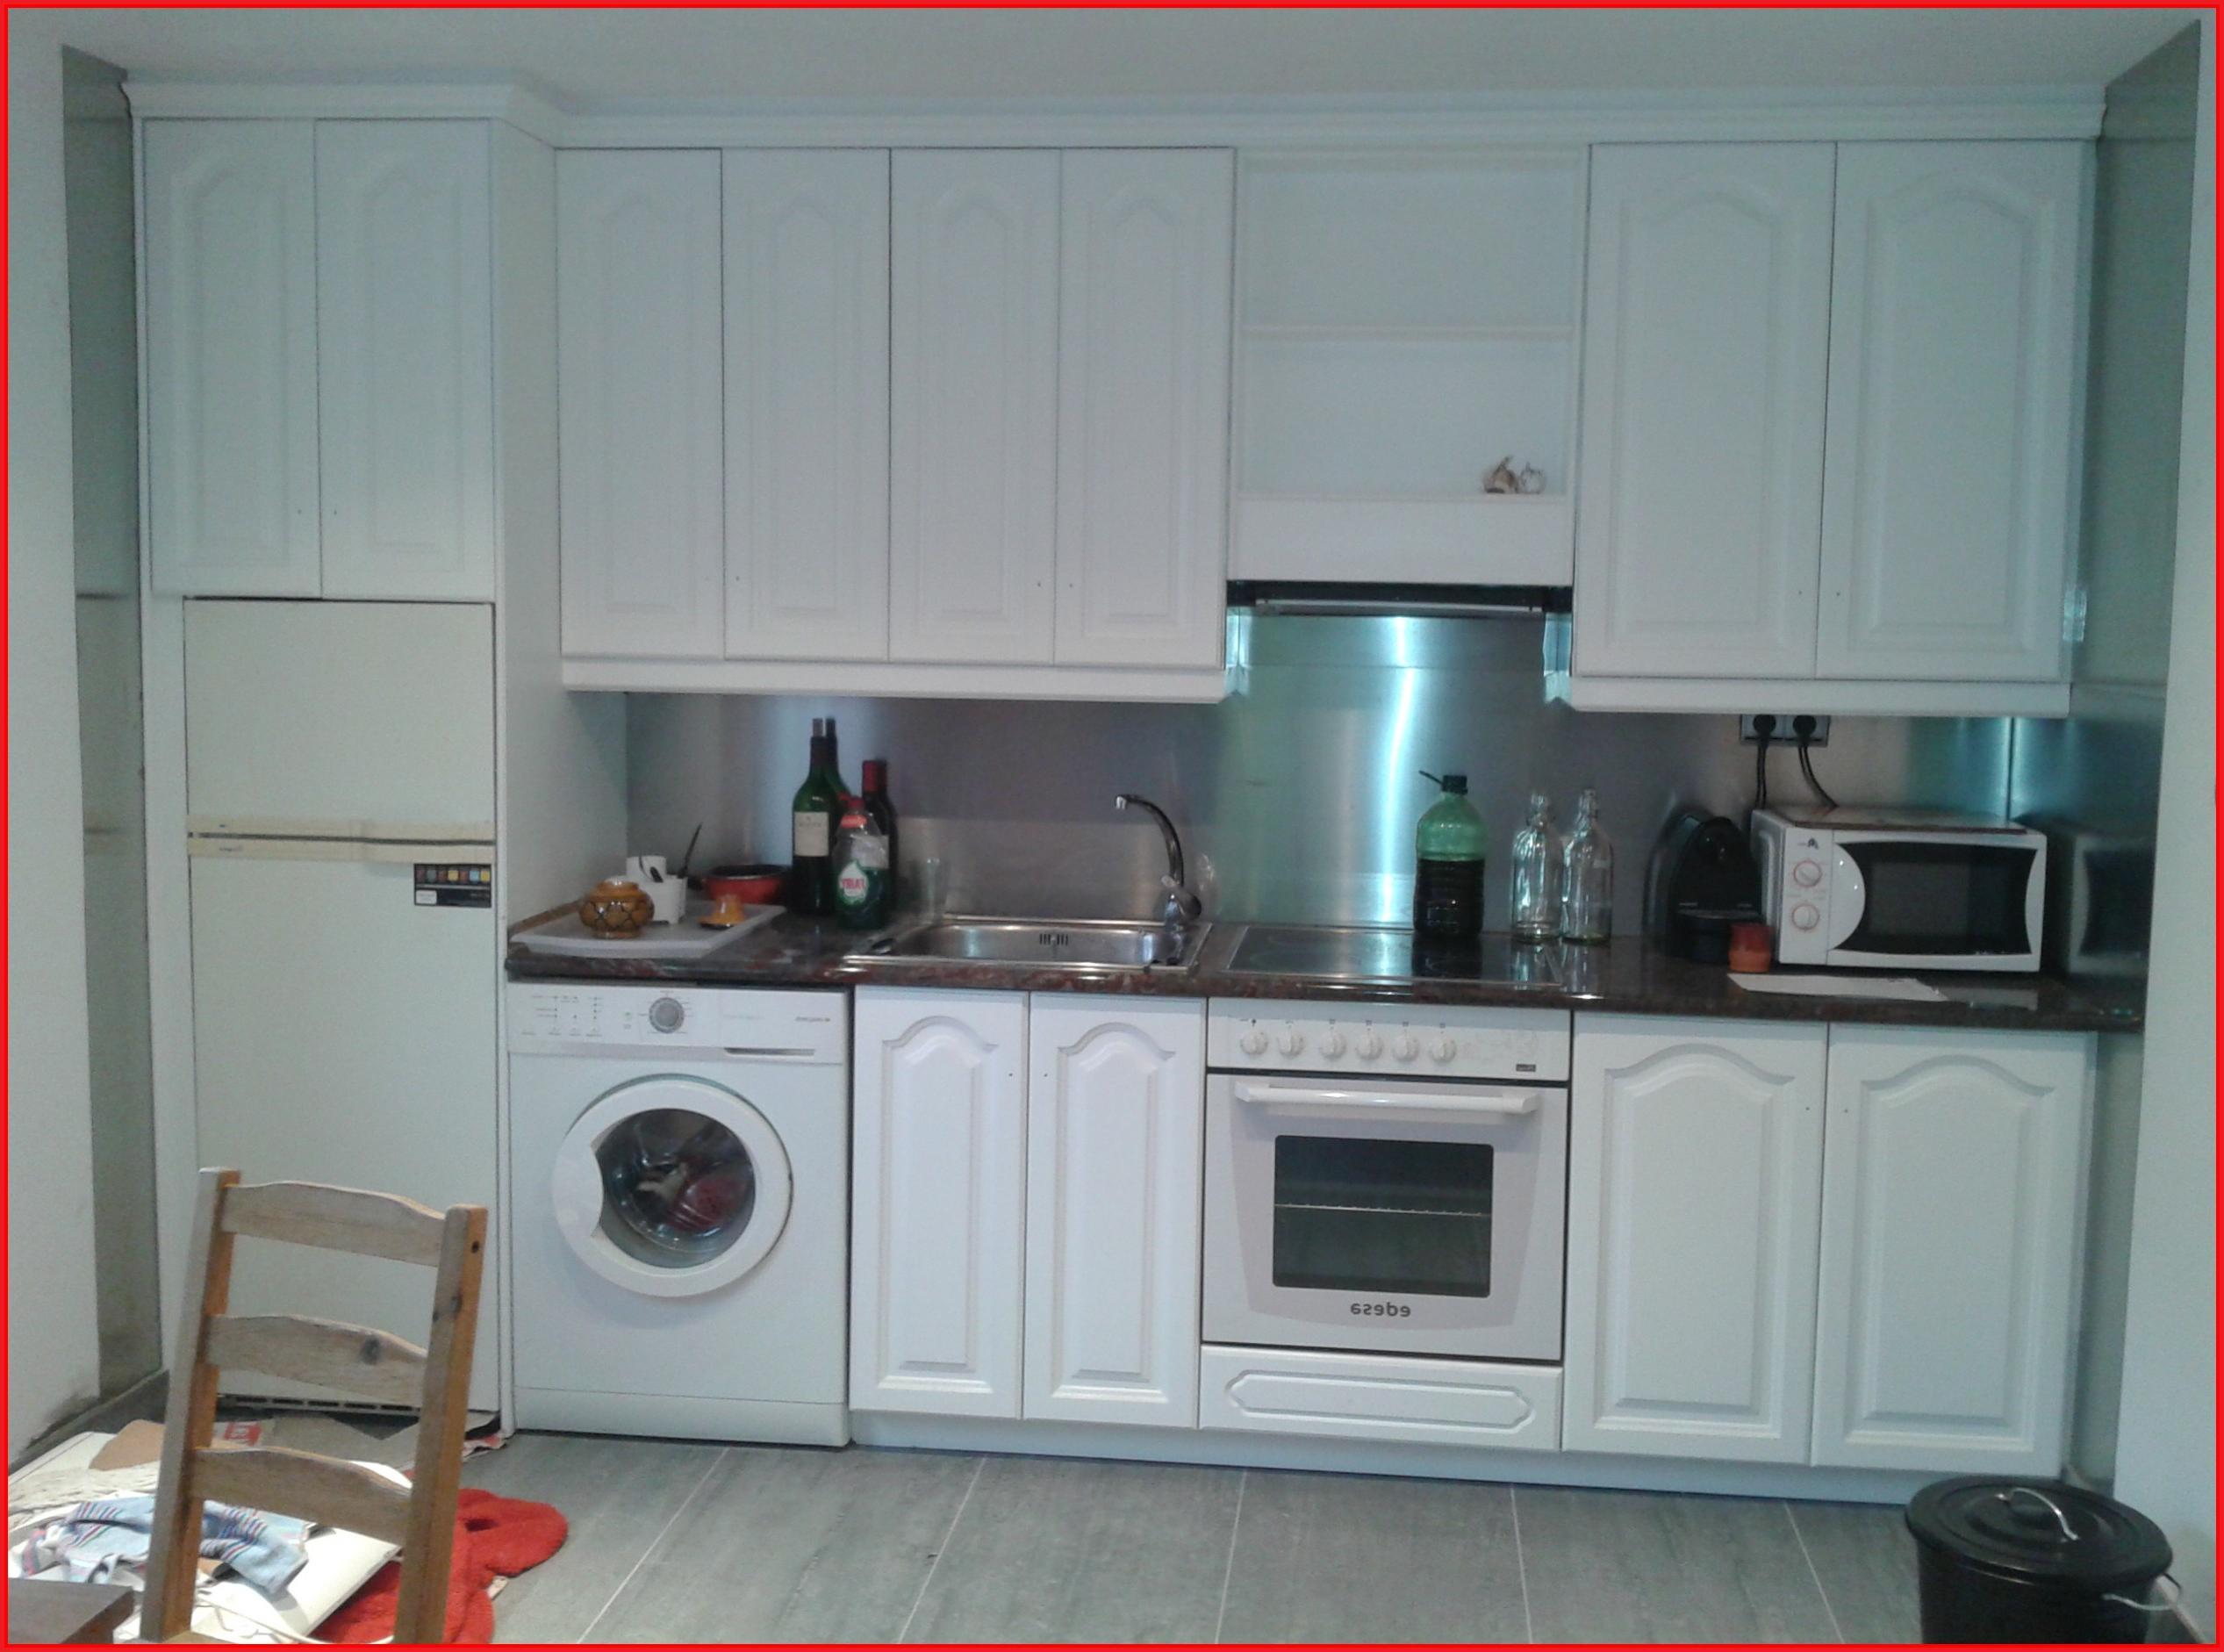 Muebles De Cocina Antiguos S5d8 Muebles De Cocina Antiguos Muebles De Cocina Antiguos Best